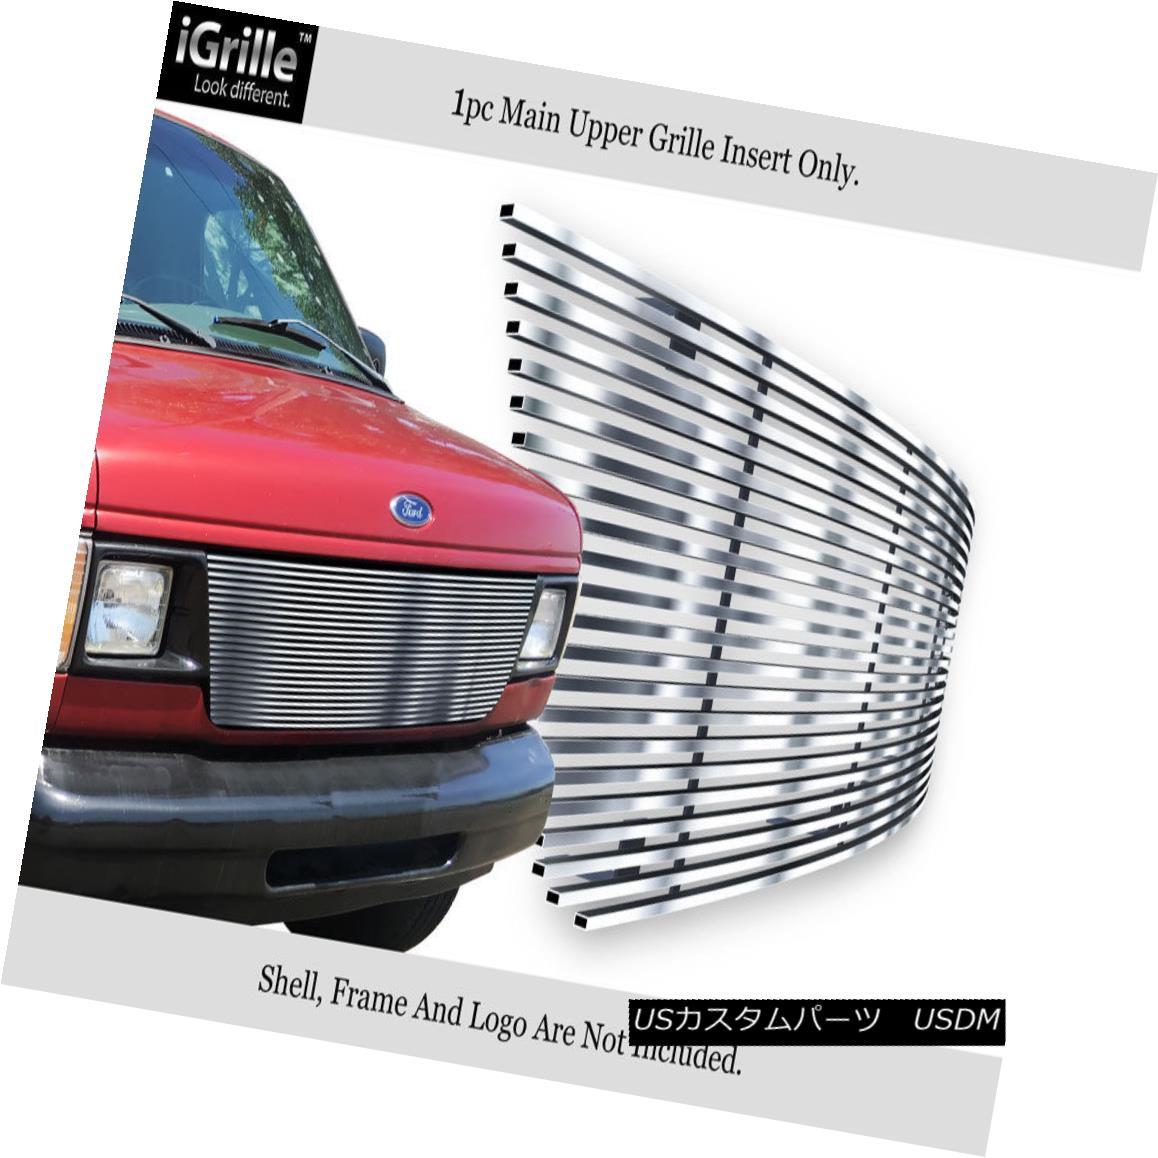 グリル Premium! 304 Stainless Steel Billet Grille 1992-2006 Ford Econoline Van プレミアム! 304ステンレス鋼ビレットグリル1992-2006 Ford Econoline Van